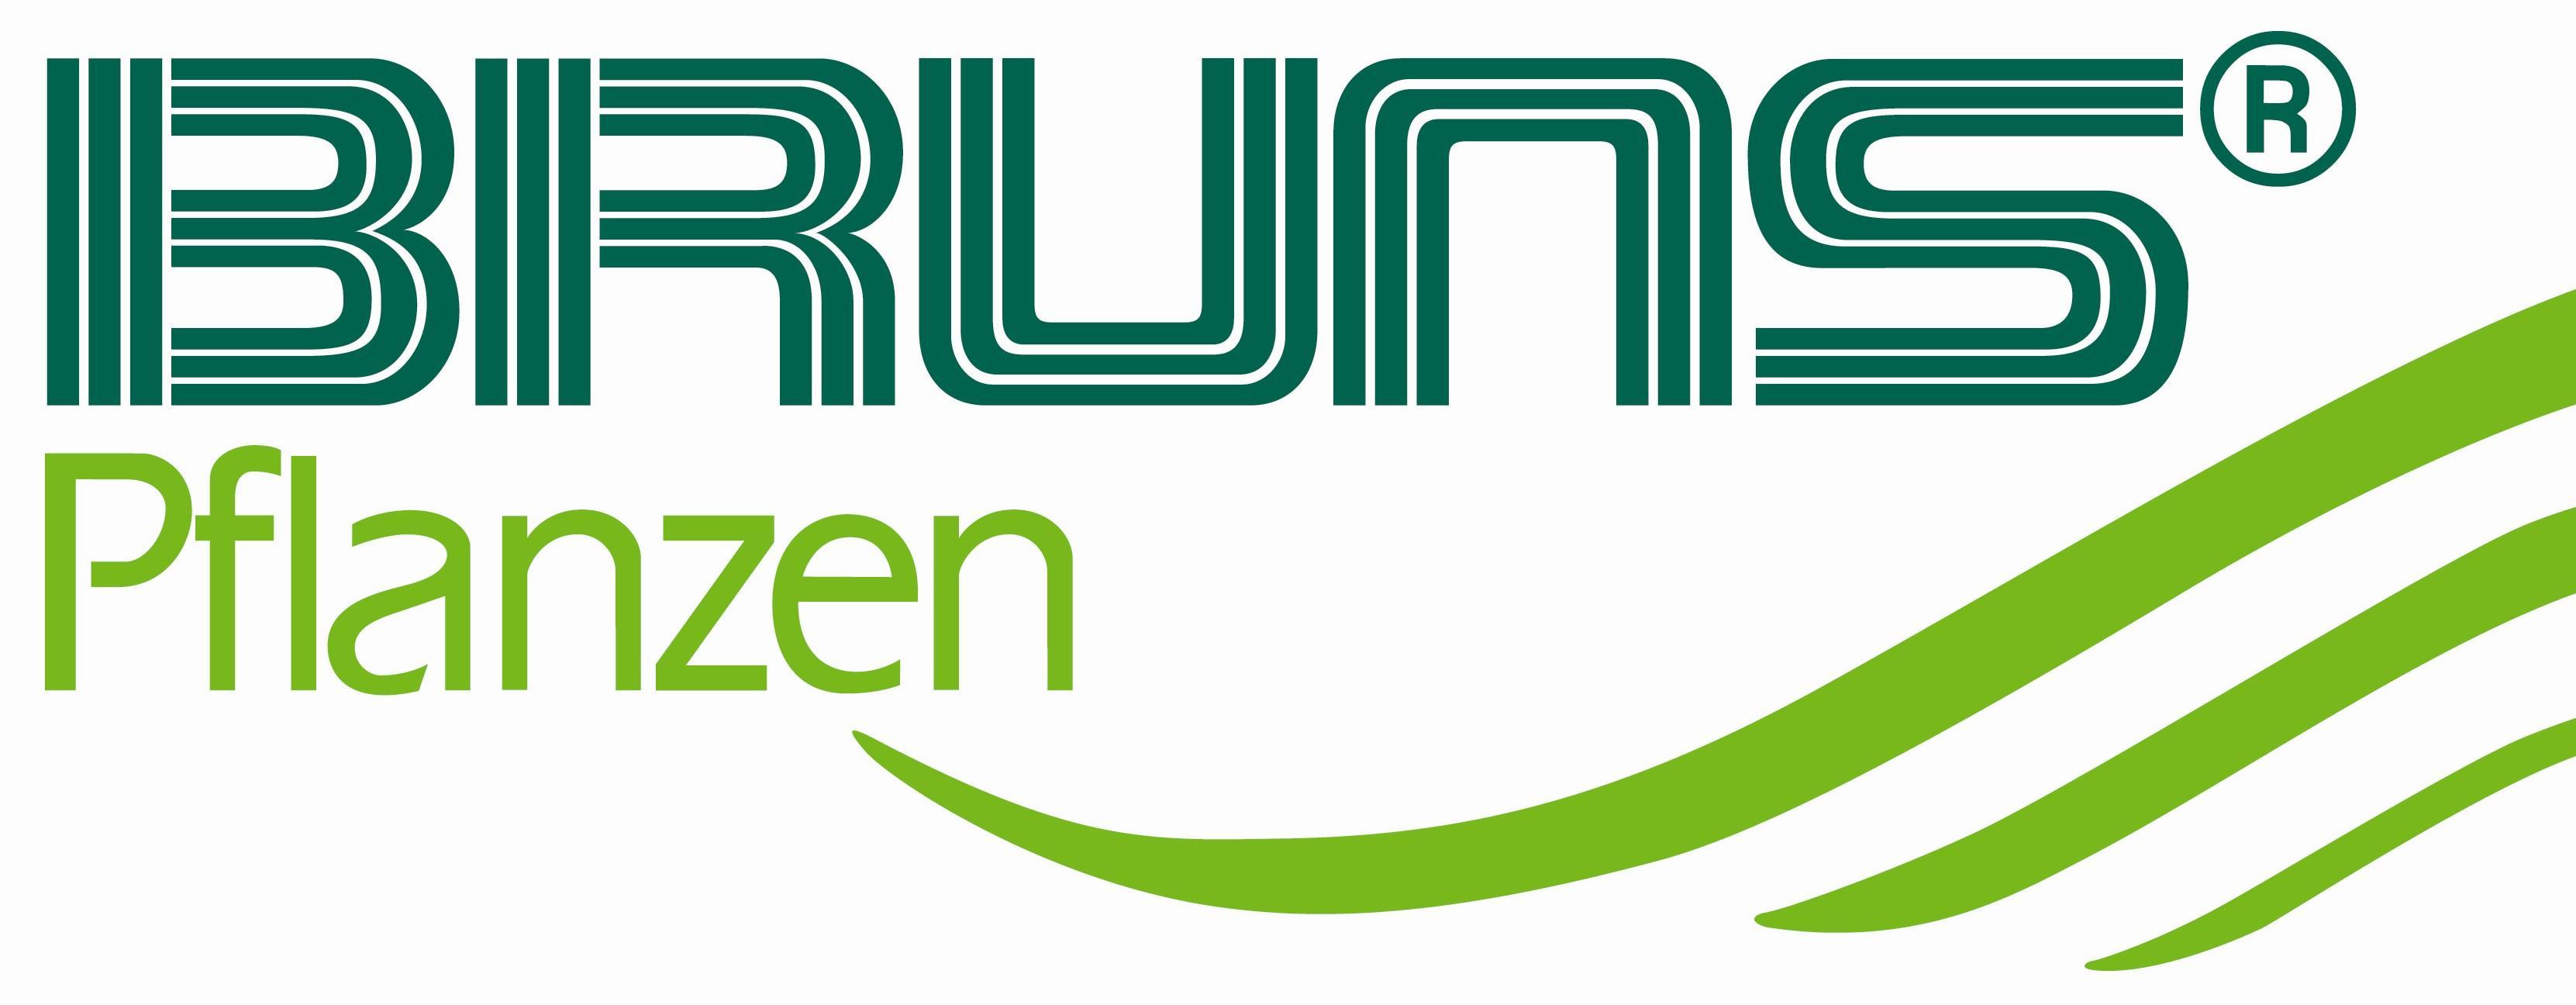 Bruns-Pflanzen-Export GmbH & Co. KG#Johann-Bruns-Allee1#26160 Bad Zwischenahn